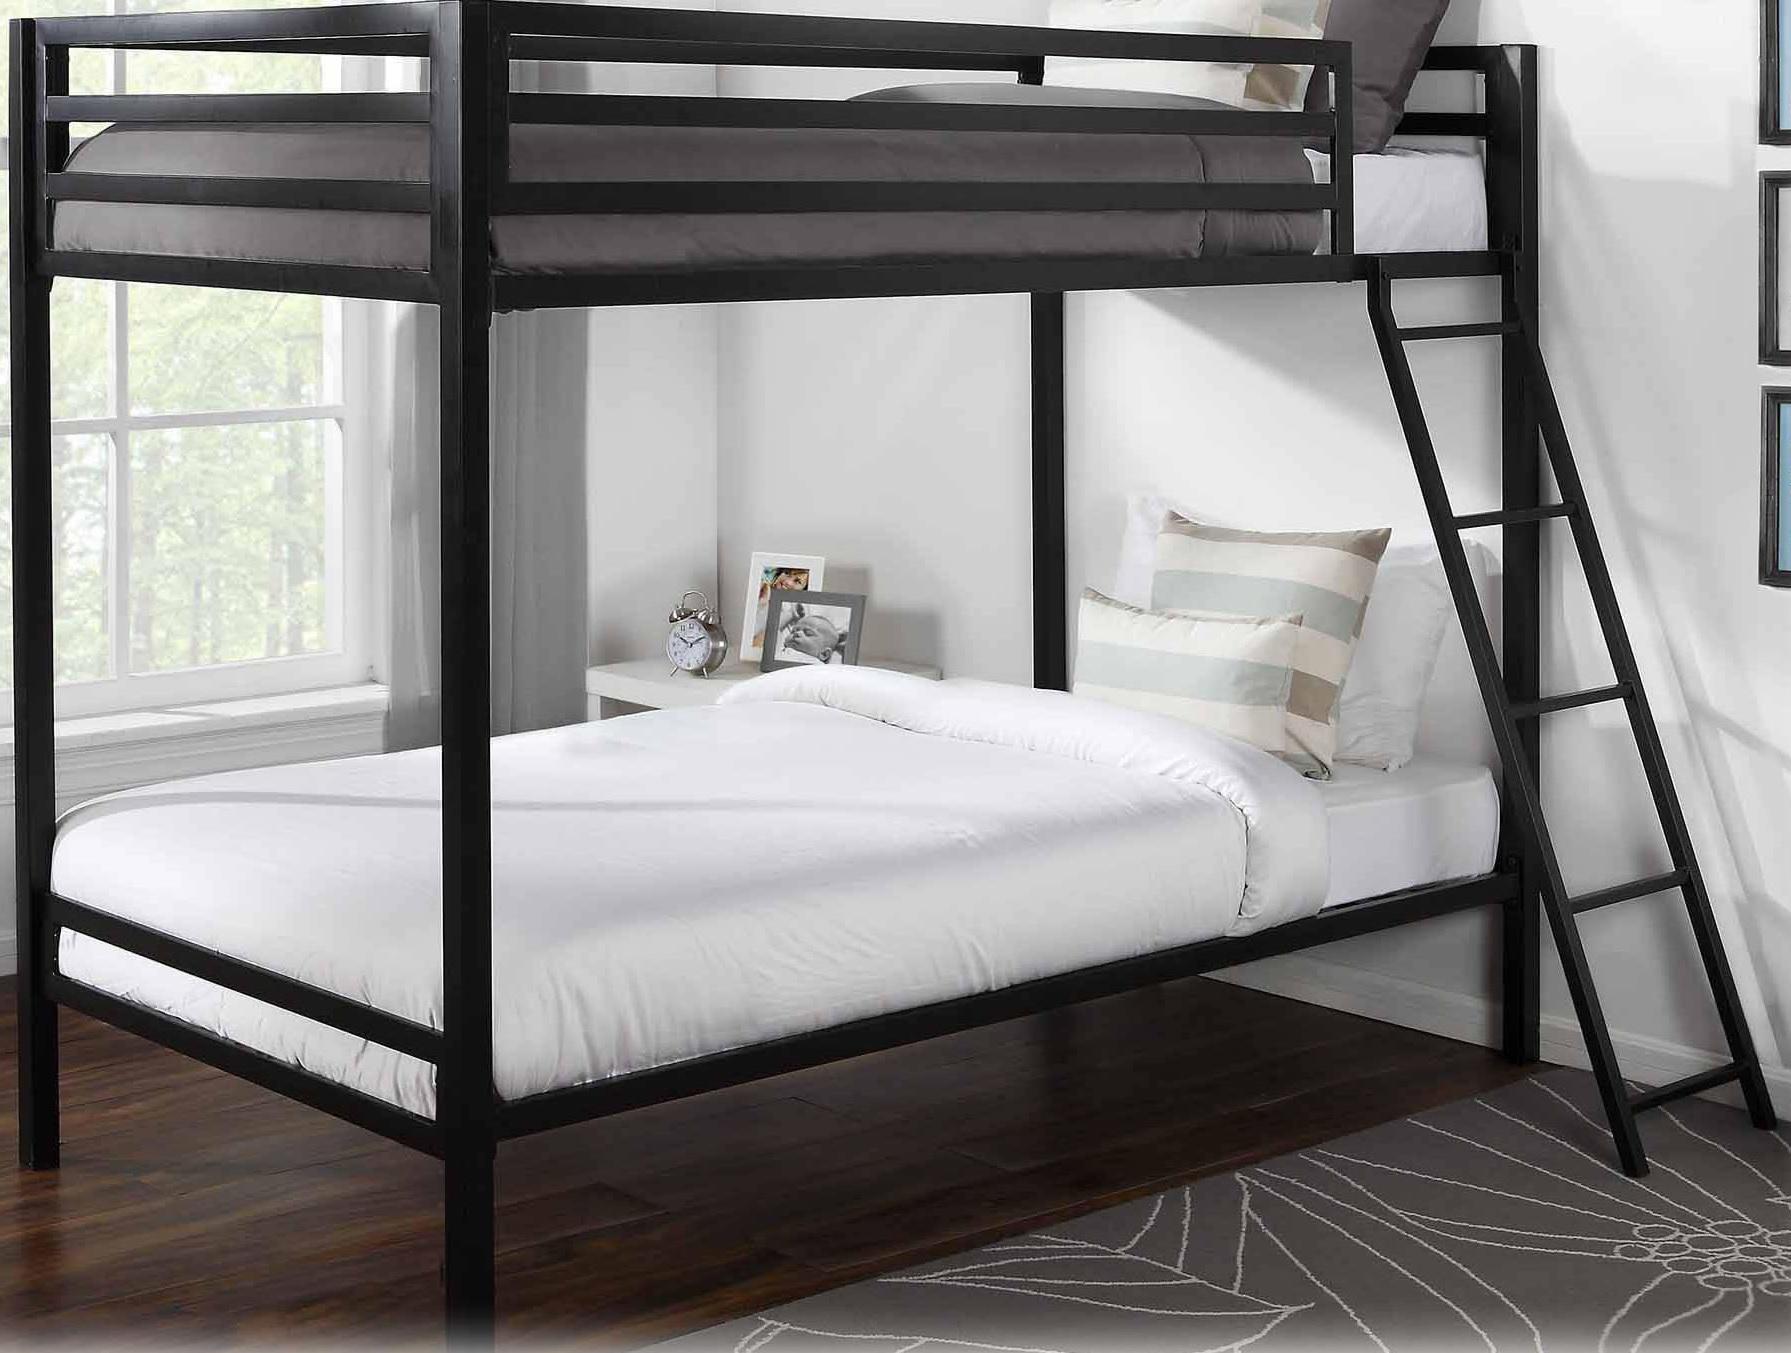 تخت خواب فلزی-تخت خواب دوطبقه فلزی-تخت خواب فلزی مخصوص مهمانسرا-تخت خواب فلزی با کف توری-تخت خواب فلزی با کف نئوپان-تخت خواب فلزی یک طبقه-تختخواب فلزی با نمای ام دی اف